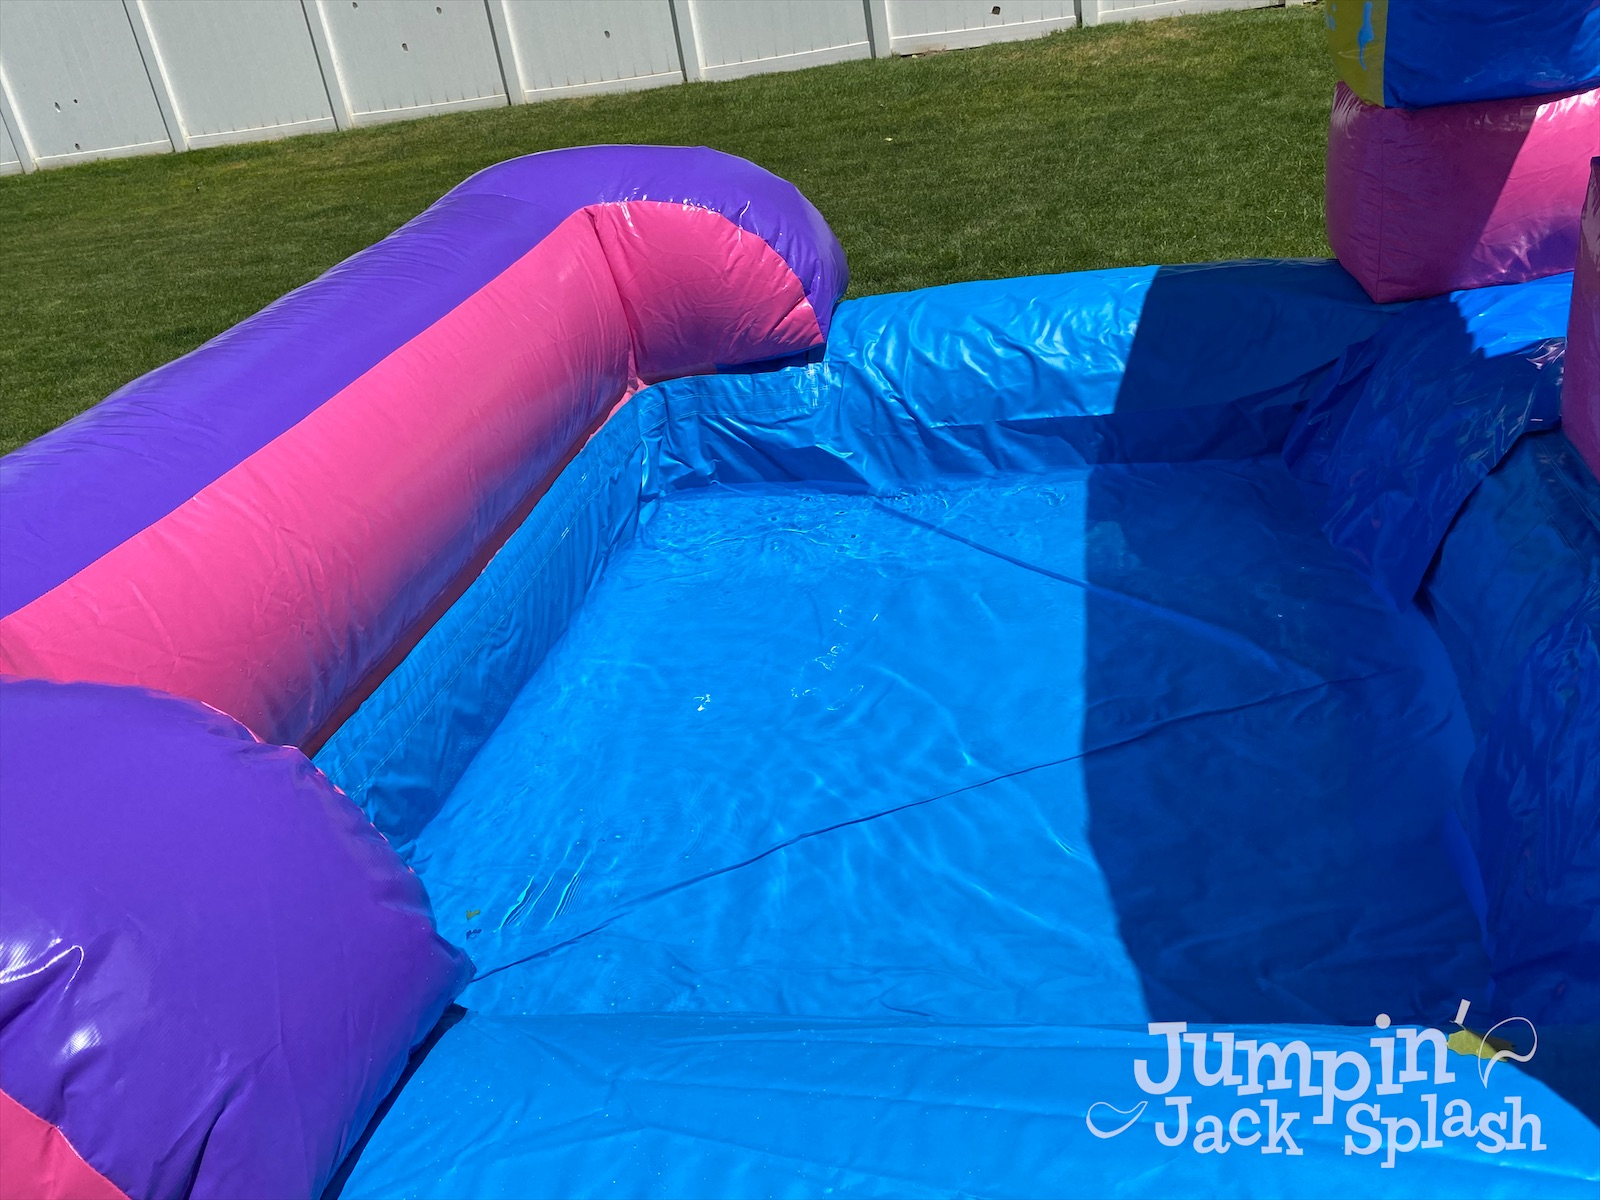 Double Dipper 2-Lane Slip and Slide